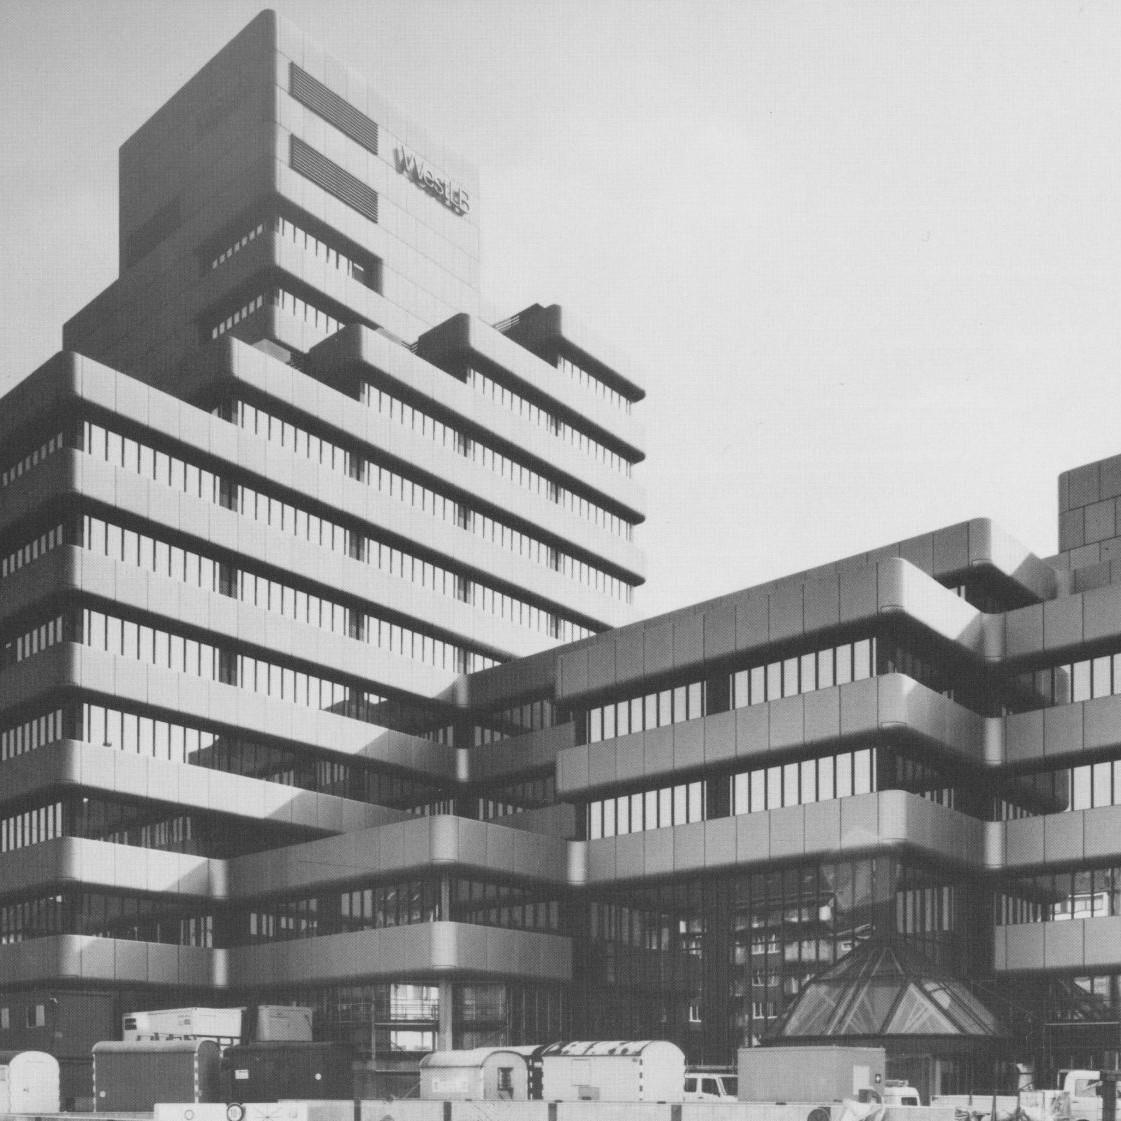 Harald Deilmann: WestLB Düsseldorf, 1974-1982 - Foto: Baukunstarchiv NRW / Nachlass Harald Deilmann